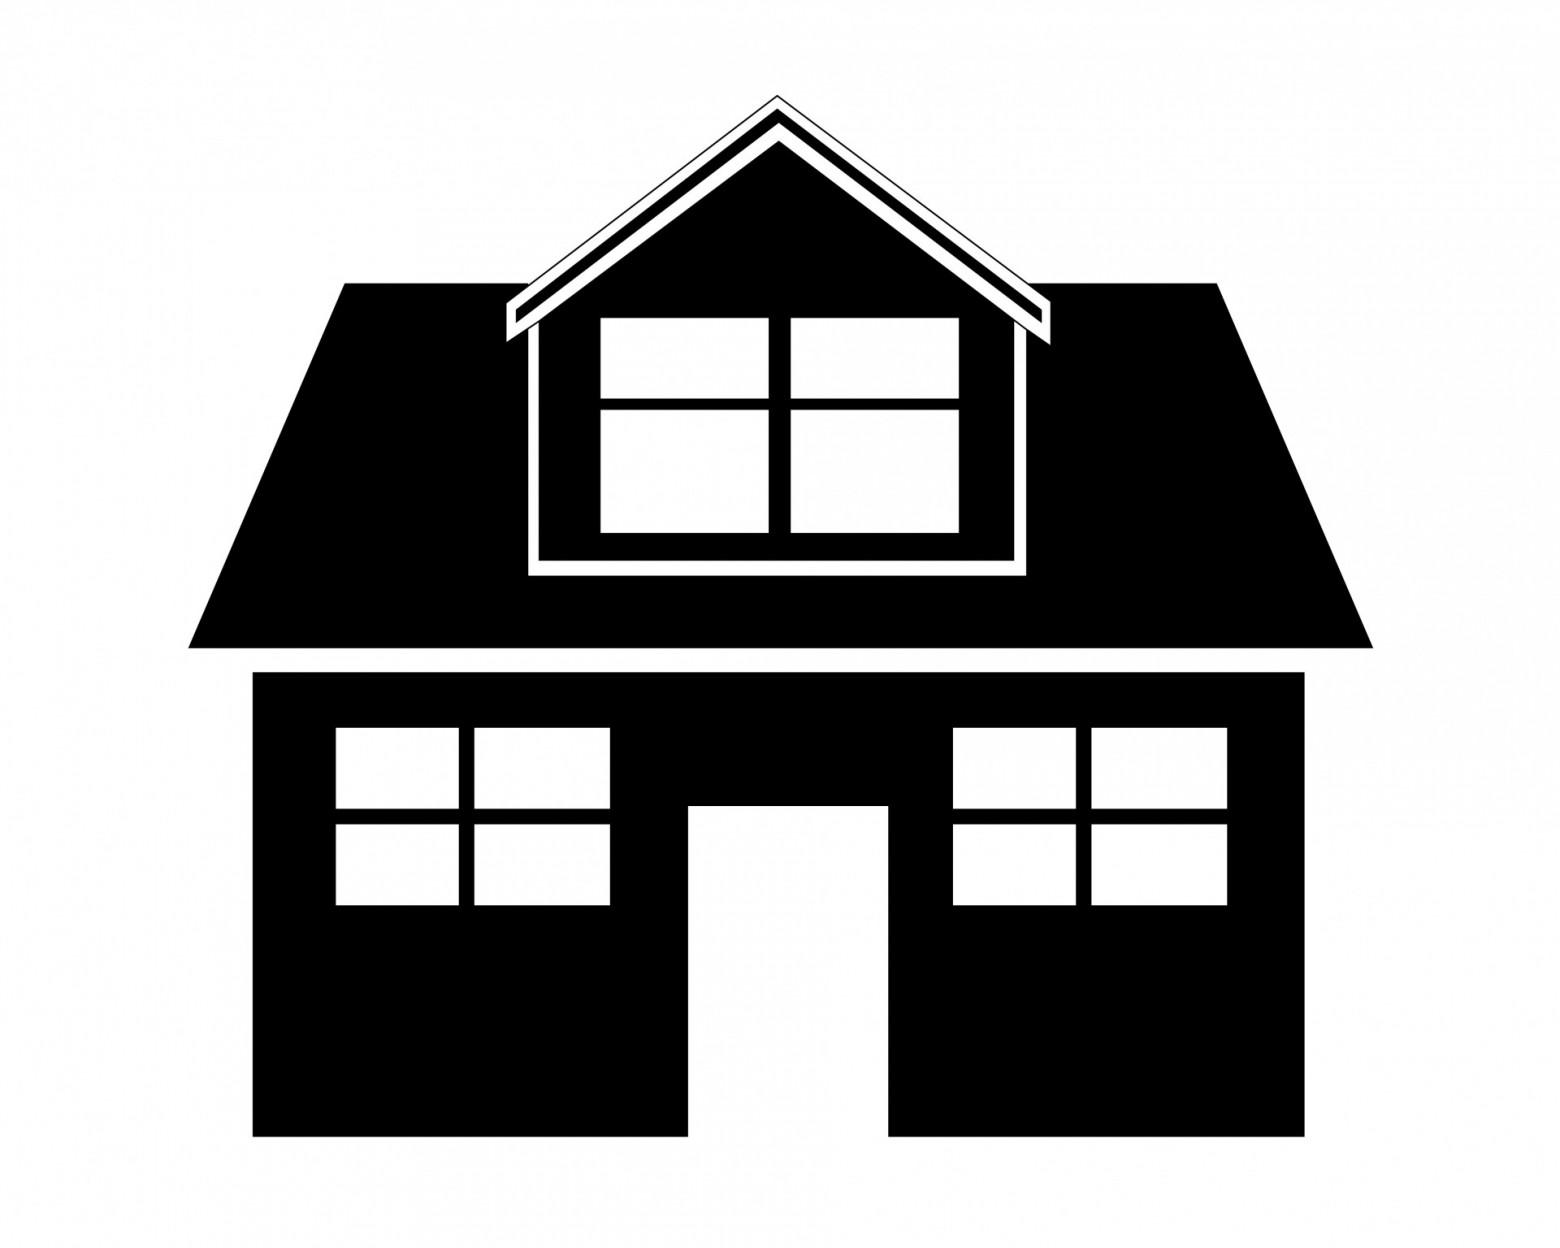 Line Art House Images : Icône clipart maison images gratuites et libres de droits